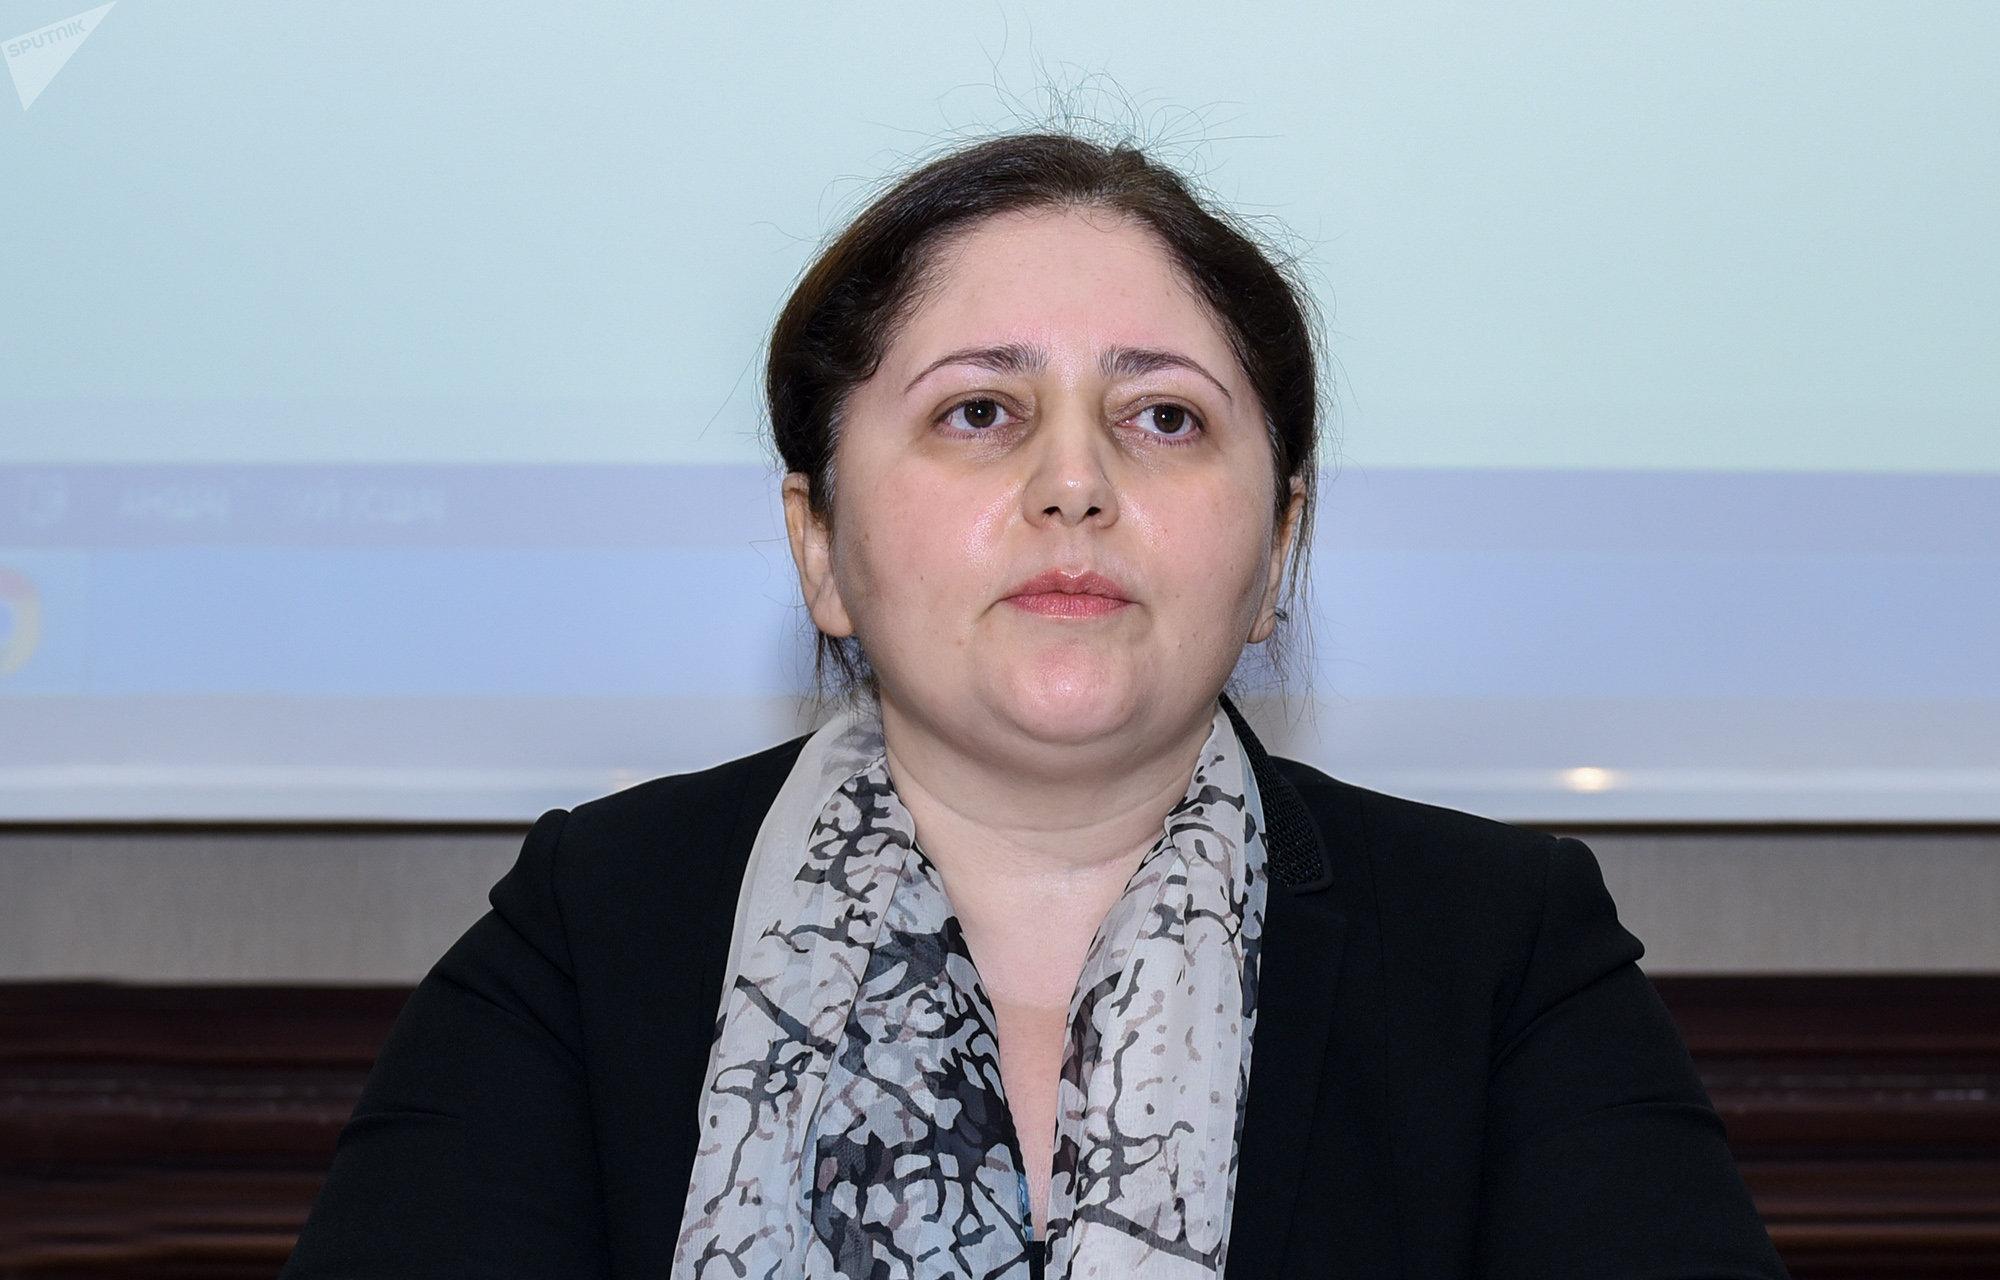 Заместитель председателя Государственного комитета по проблемам семьи, женщин и детей Айнур Софиева